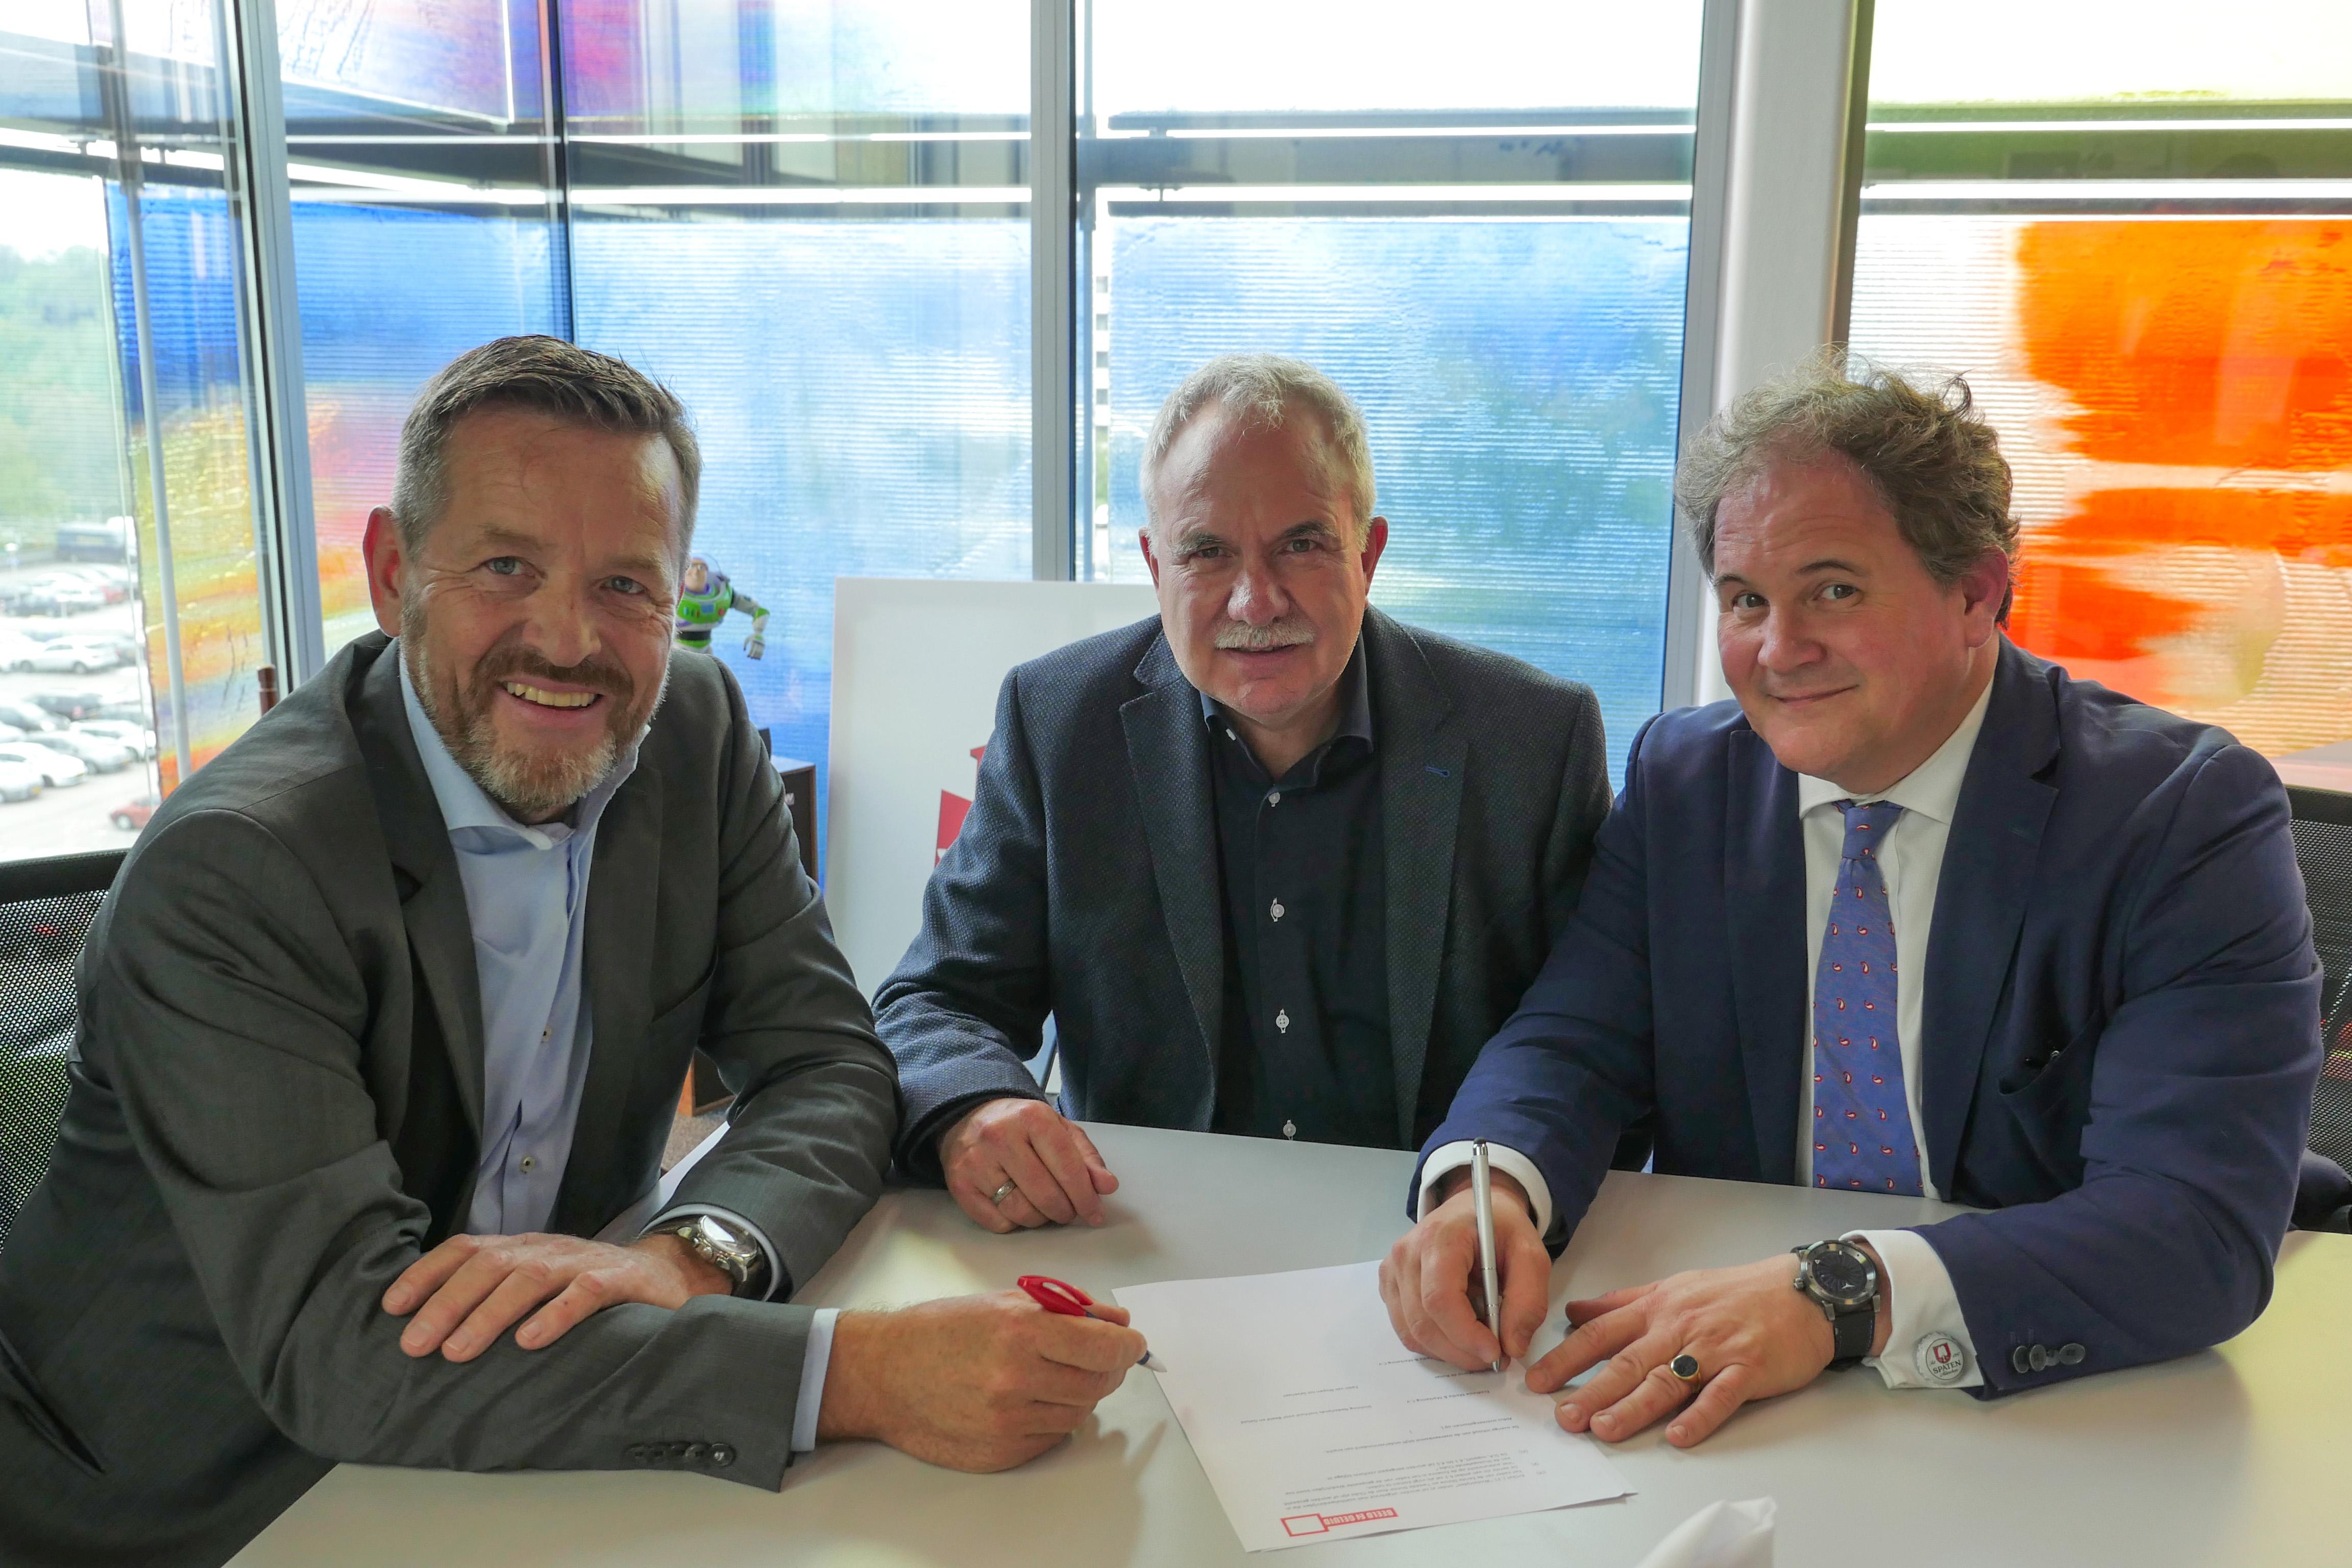 v.l.n.r. Alex Tielbeke, CEO Eredivisie, Jan de Vries, Broadcast Operations Director at Fox Network Group Netherlands en Eppo van Nispen tot Sevenaer, directeur Beeld en Geluid ondertekenen de samenwerking